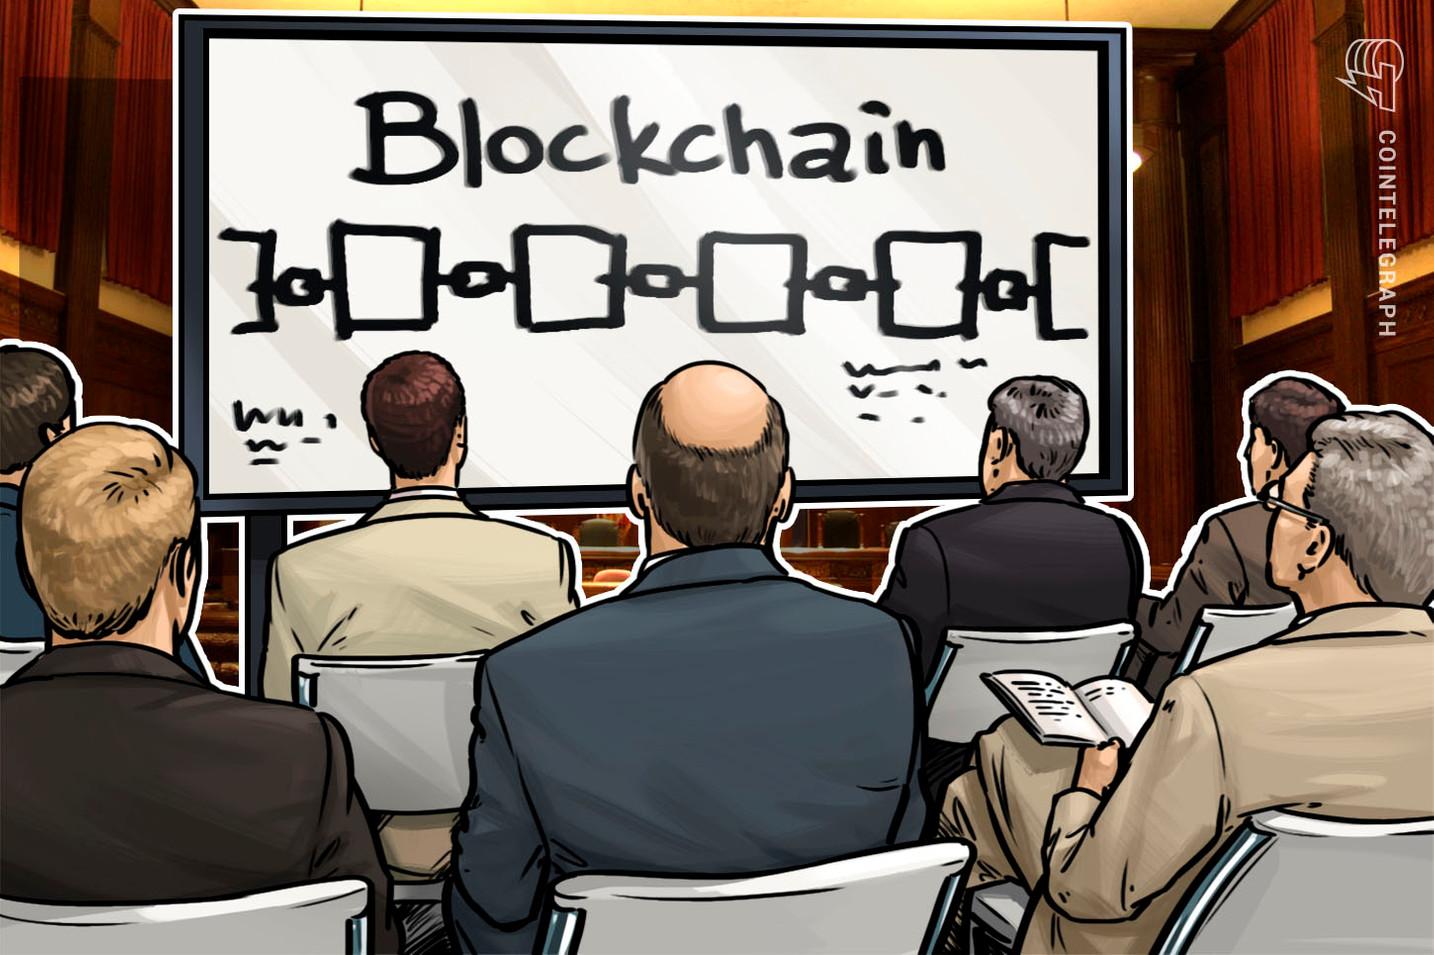 """Blockchain """"está mudando o mundo"""", diz congressista norte-americano durante audiência da Cadeia de Suprimentos"""